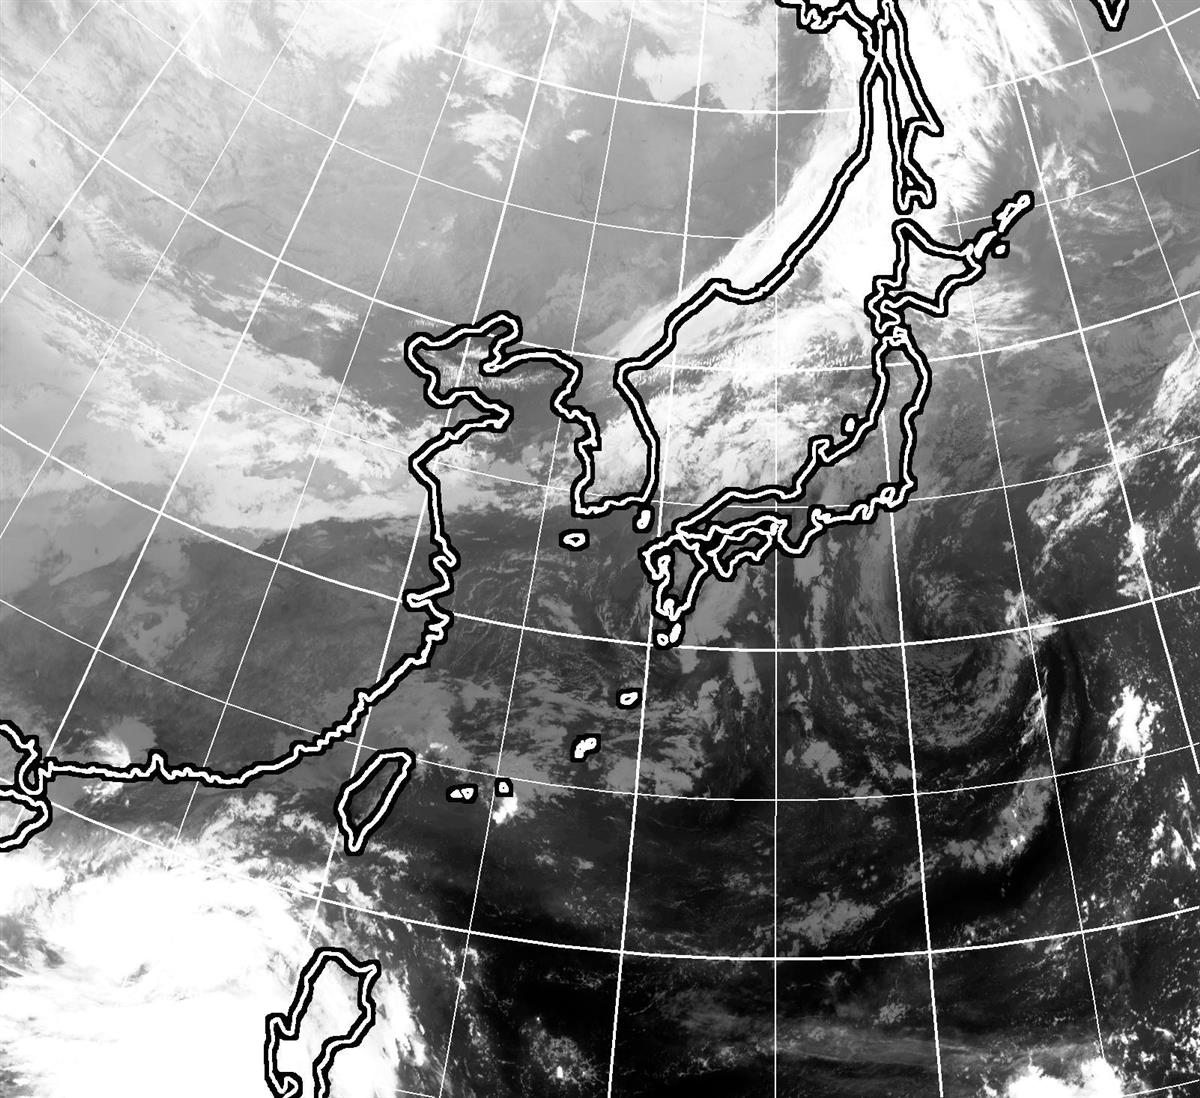 台風14号、再び南の海へ 阻む高気圧、偏西風遠く